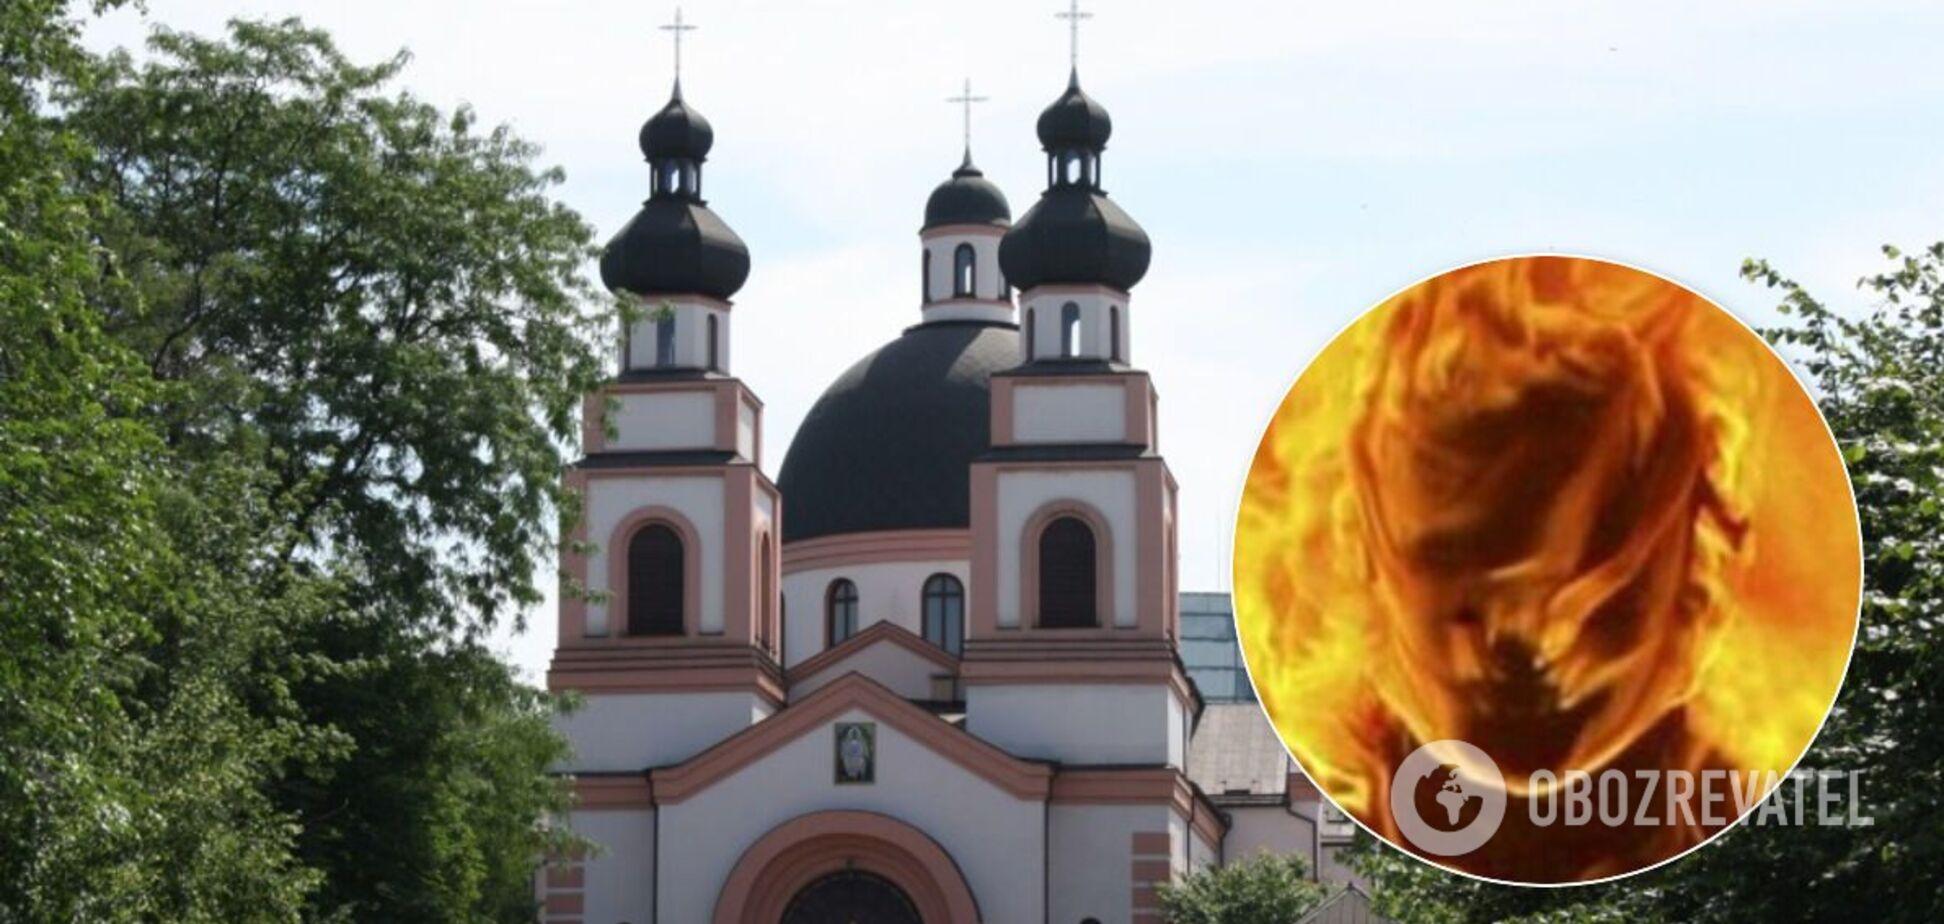 Девушка сожгла себя возле храма в Запорожье